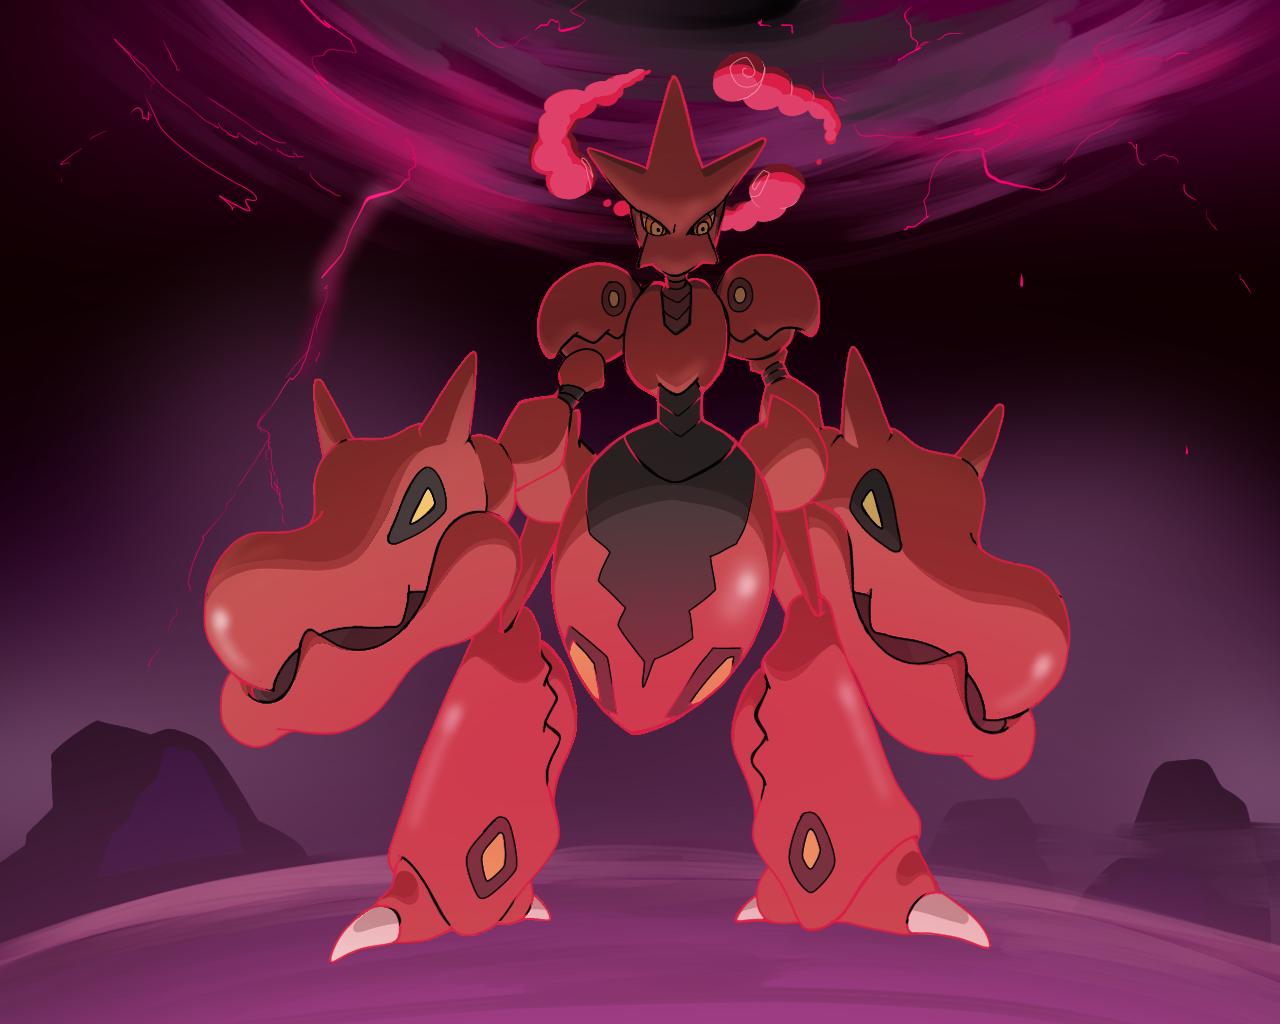 Gigantamax Scizor